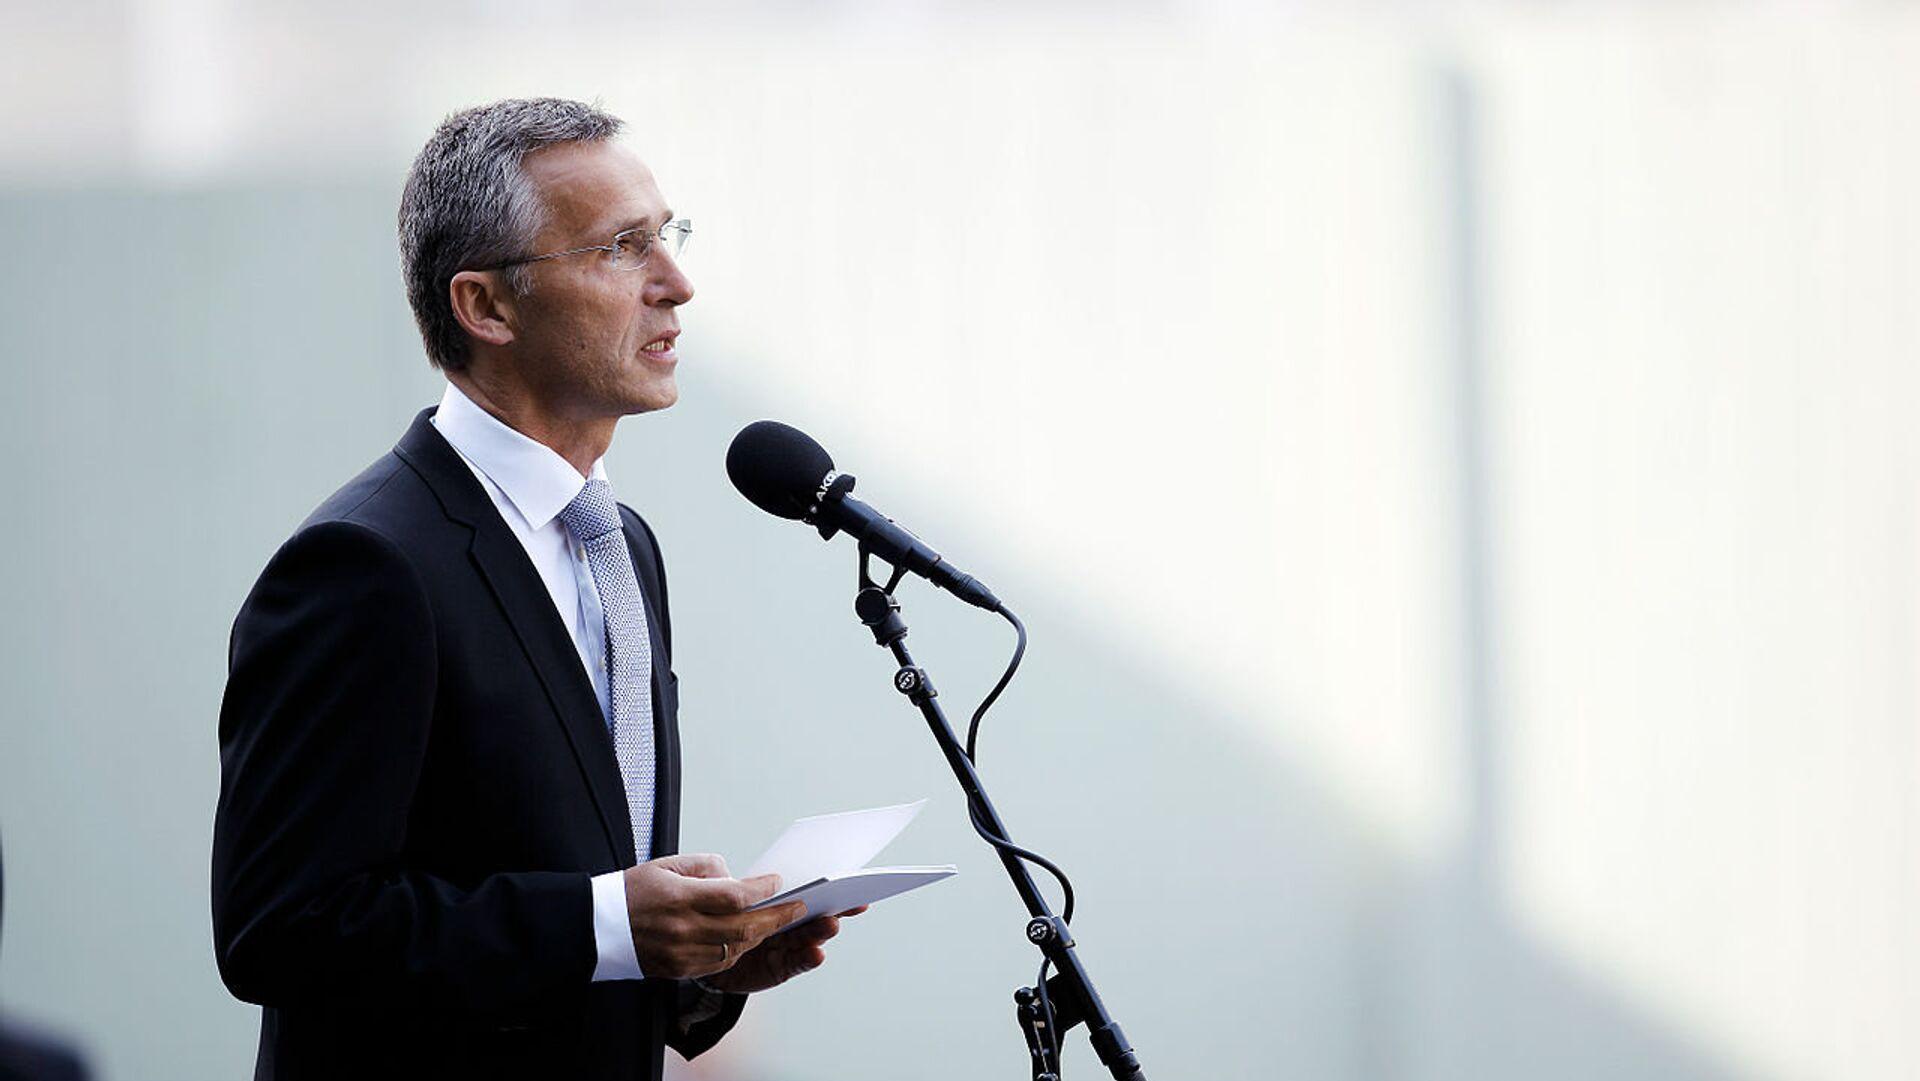 Генеральный секретарь НАТО Йенс Столтенберг. Архивное фото - Sputnik Таджикистан, 1920, 06.06.2021